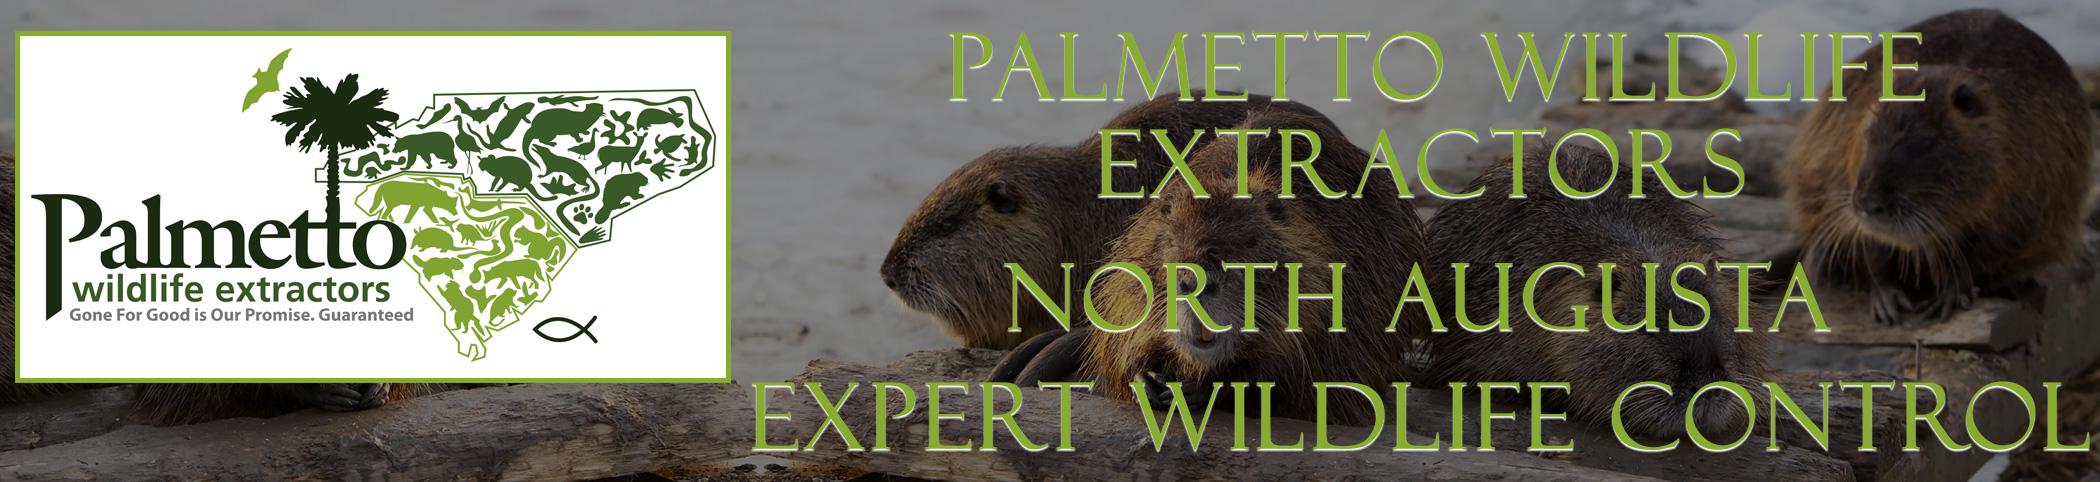 Palmetto Wildlife Extractors North Augusta South Carolina header image